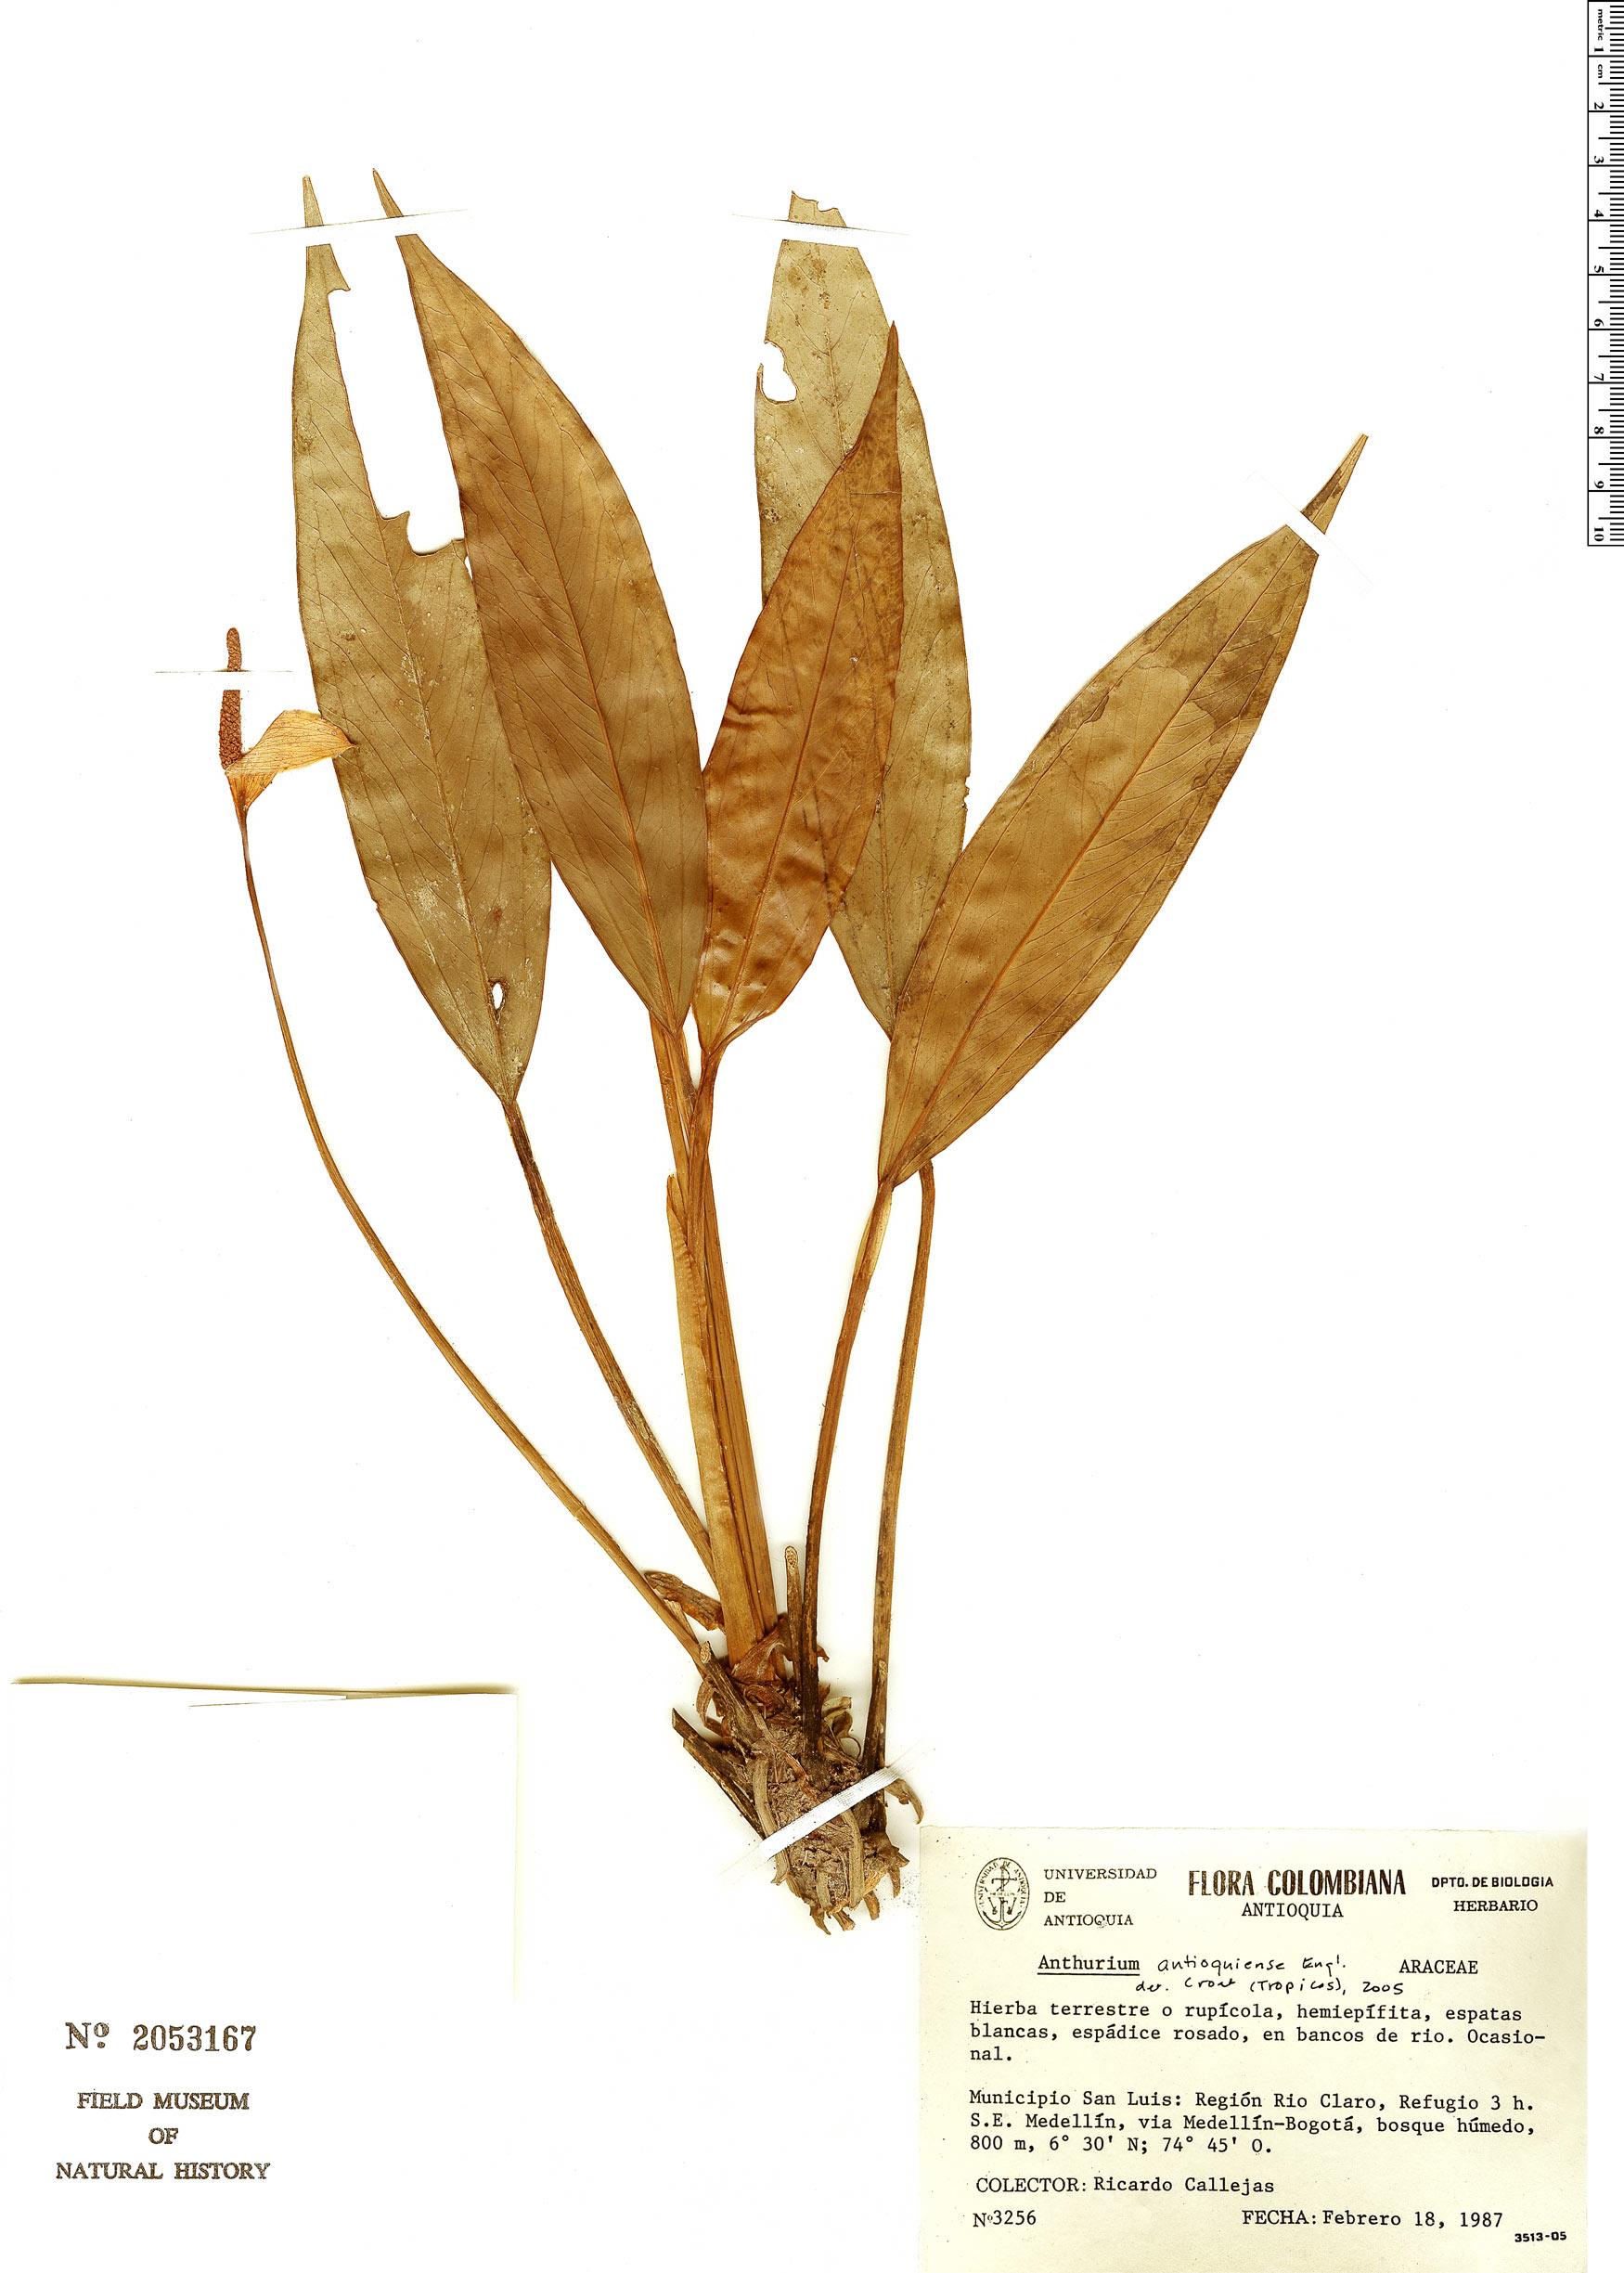 Specimen: Anthurium antioquiense